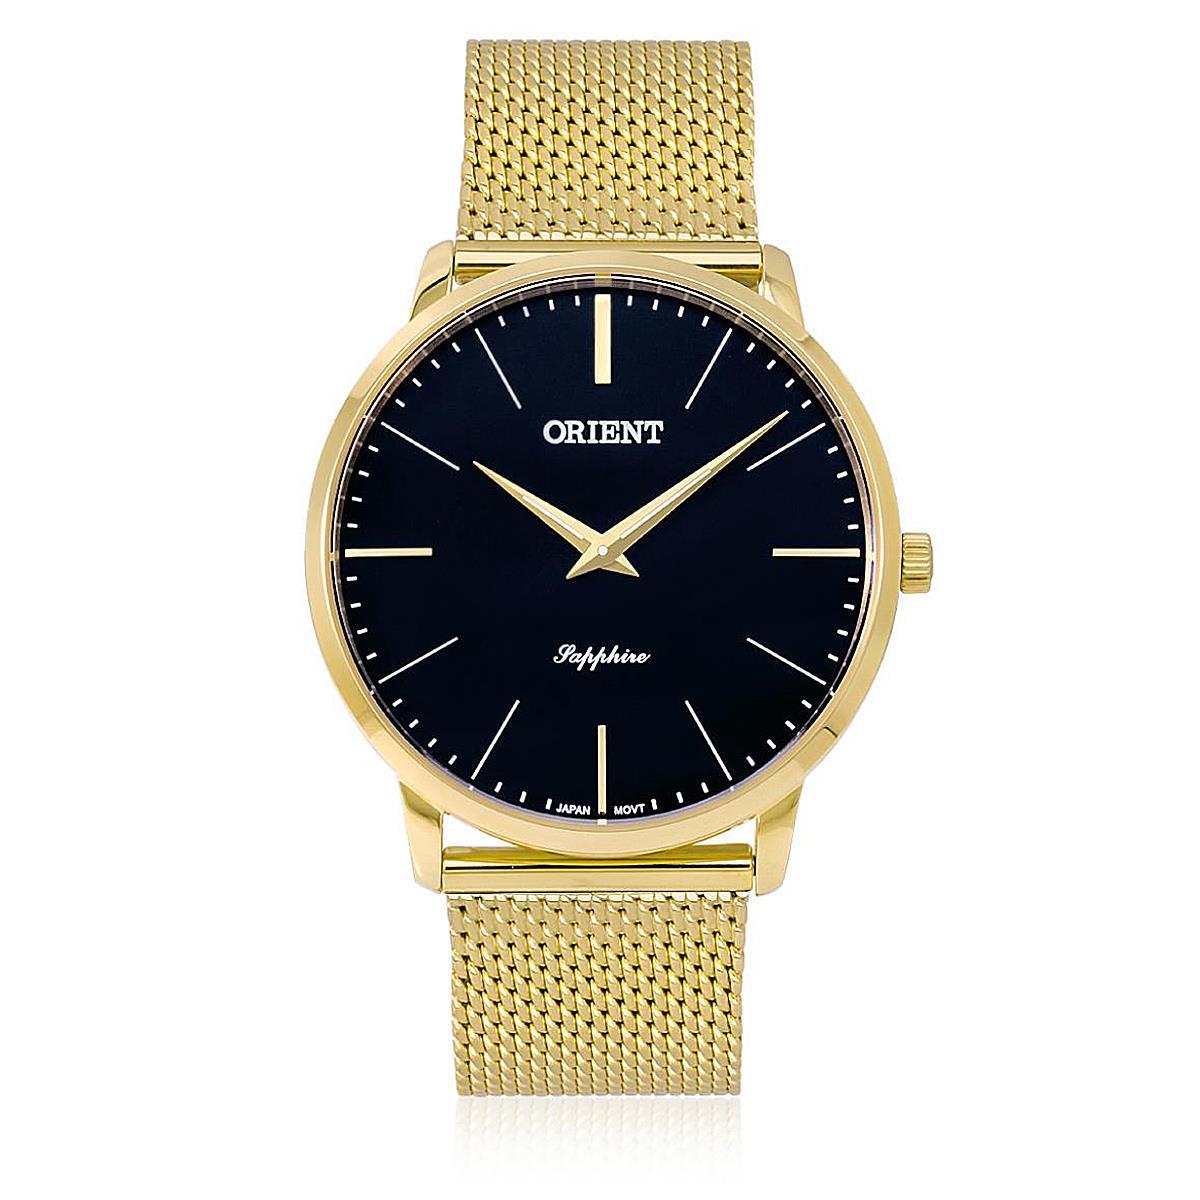 1b9b78140c4e5 Relógio Masculino Orient Slim Sapphire Analógico MGSSS005 P1KX dourado  esteira